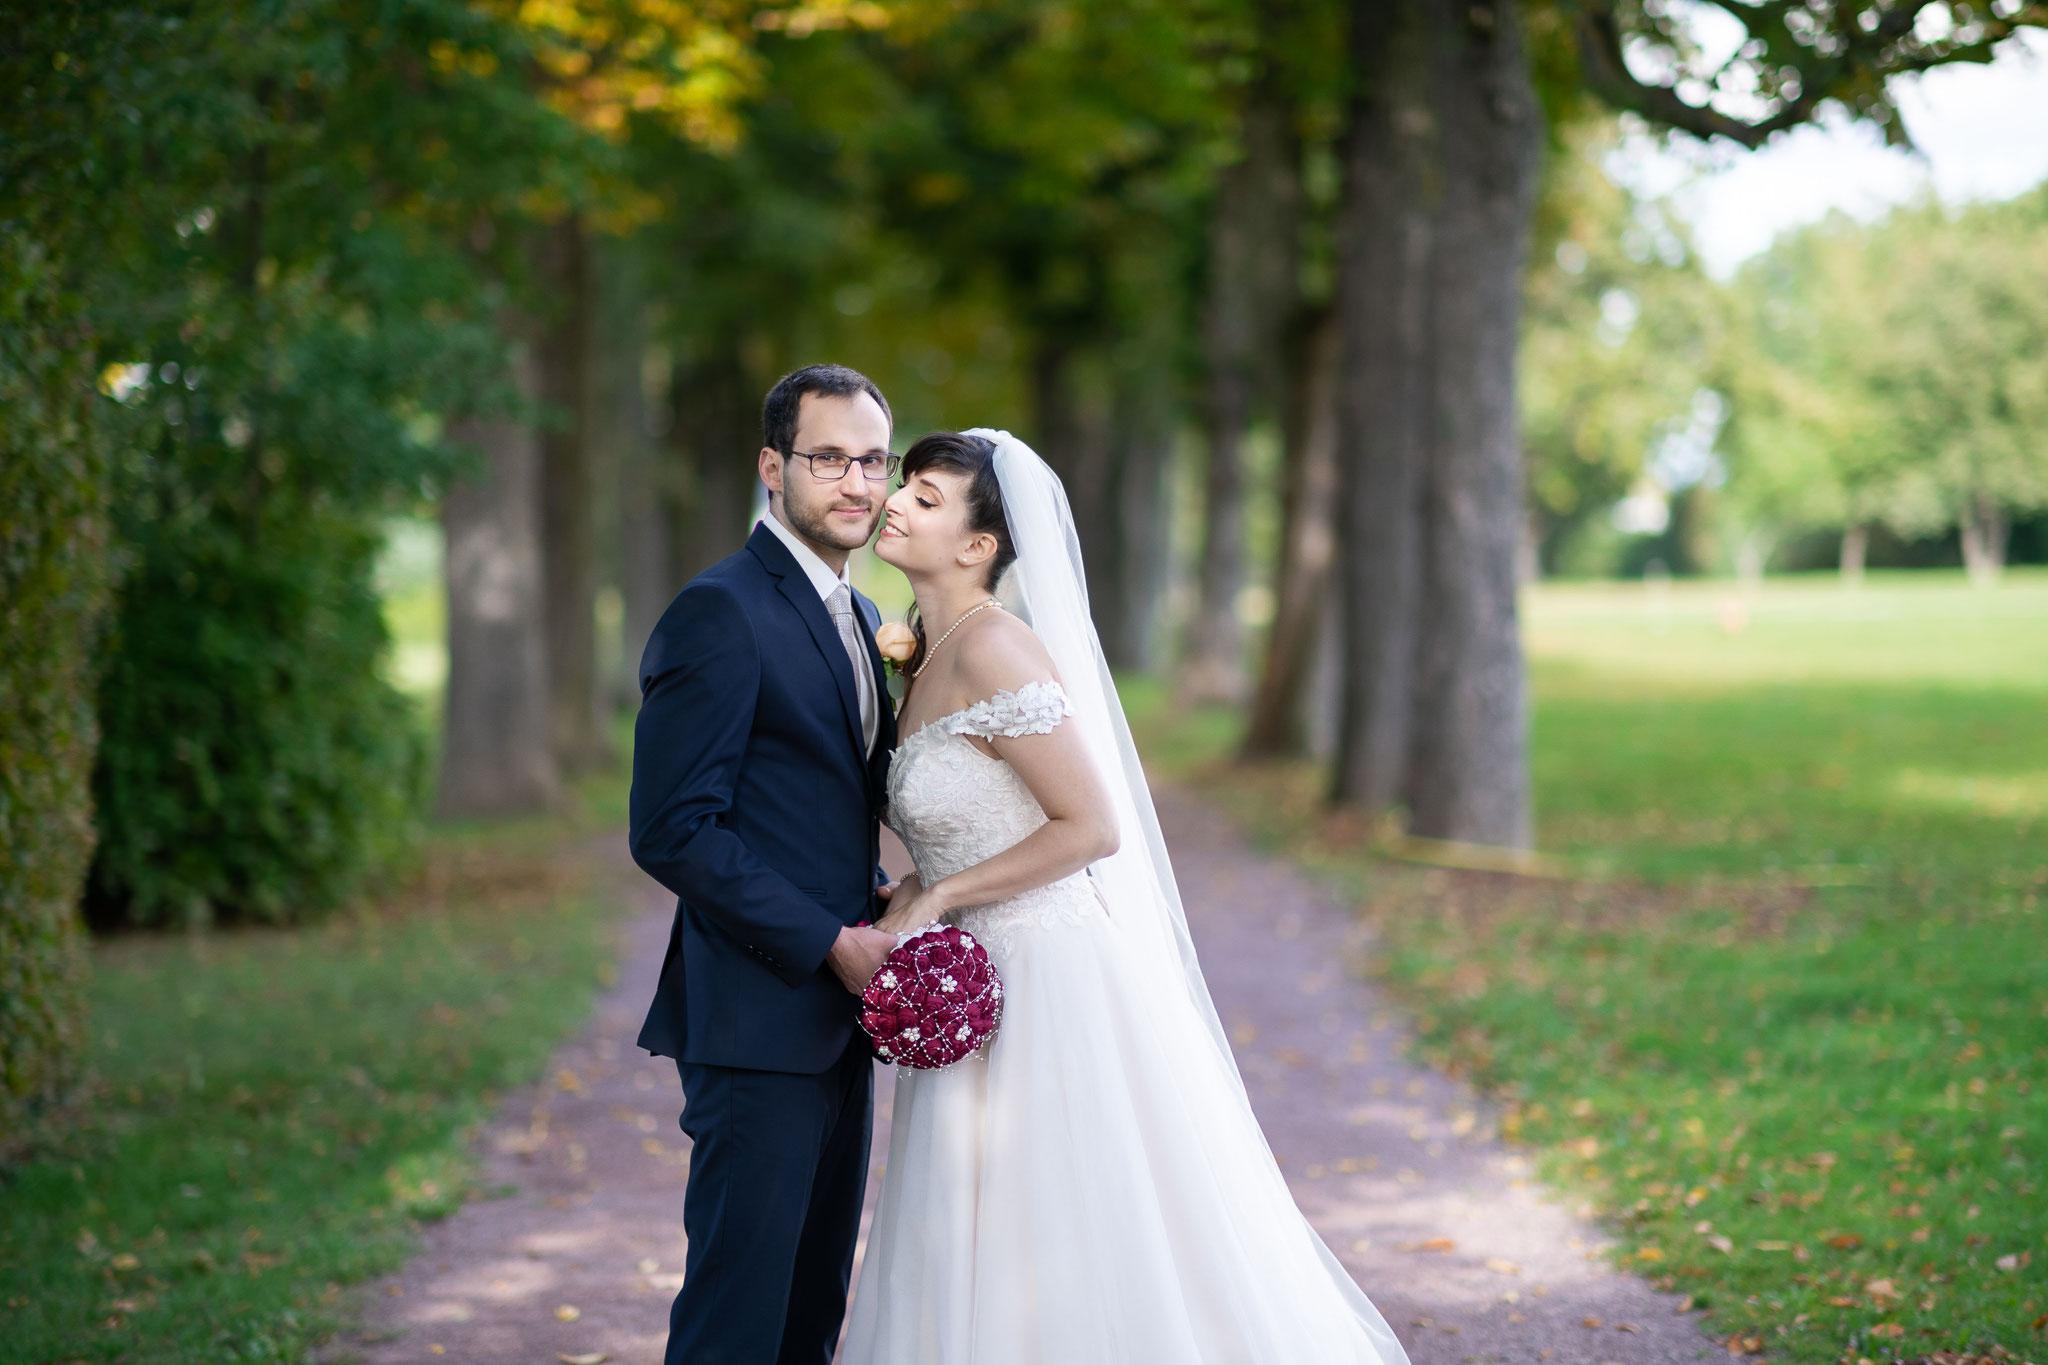 Ihr Hochzeitsfotograf für professionelles Brautpaarshooting in Weiterstadt und Umgebung